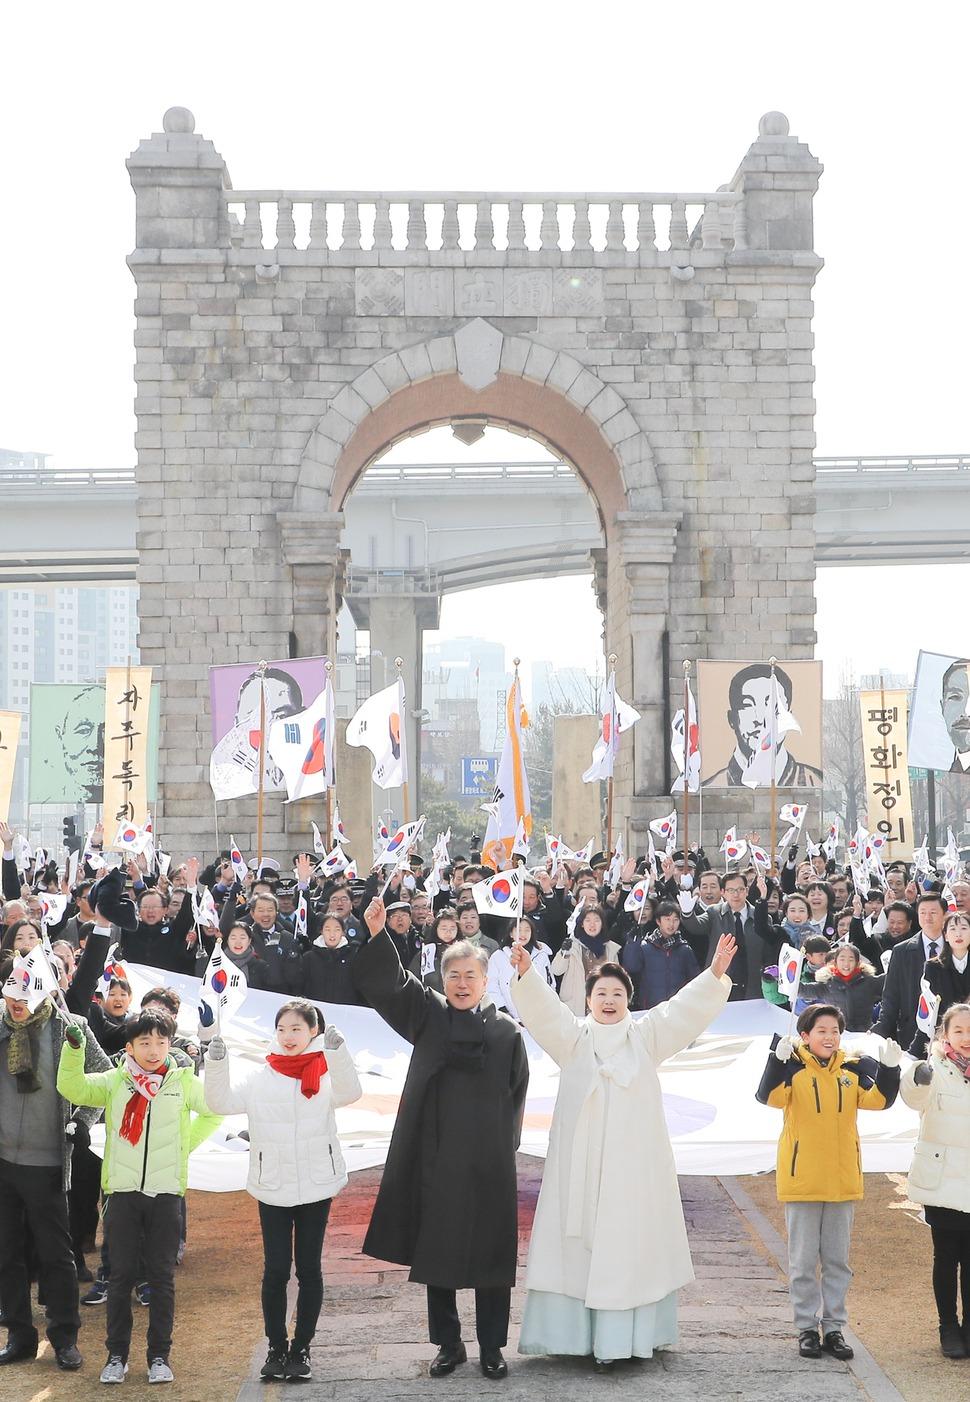 1일 오전 서대문형무소 역사관에서 열린 제 99주년 3.1절 기념식 후 독립문까지 행진한 문재인 대통령 내외가 참석자들과 만세를 부르고 있다. 청와대 사진기자단